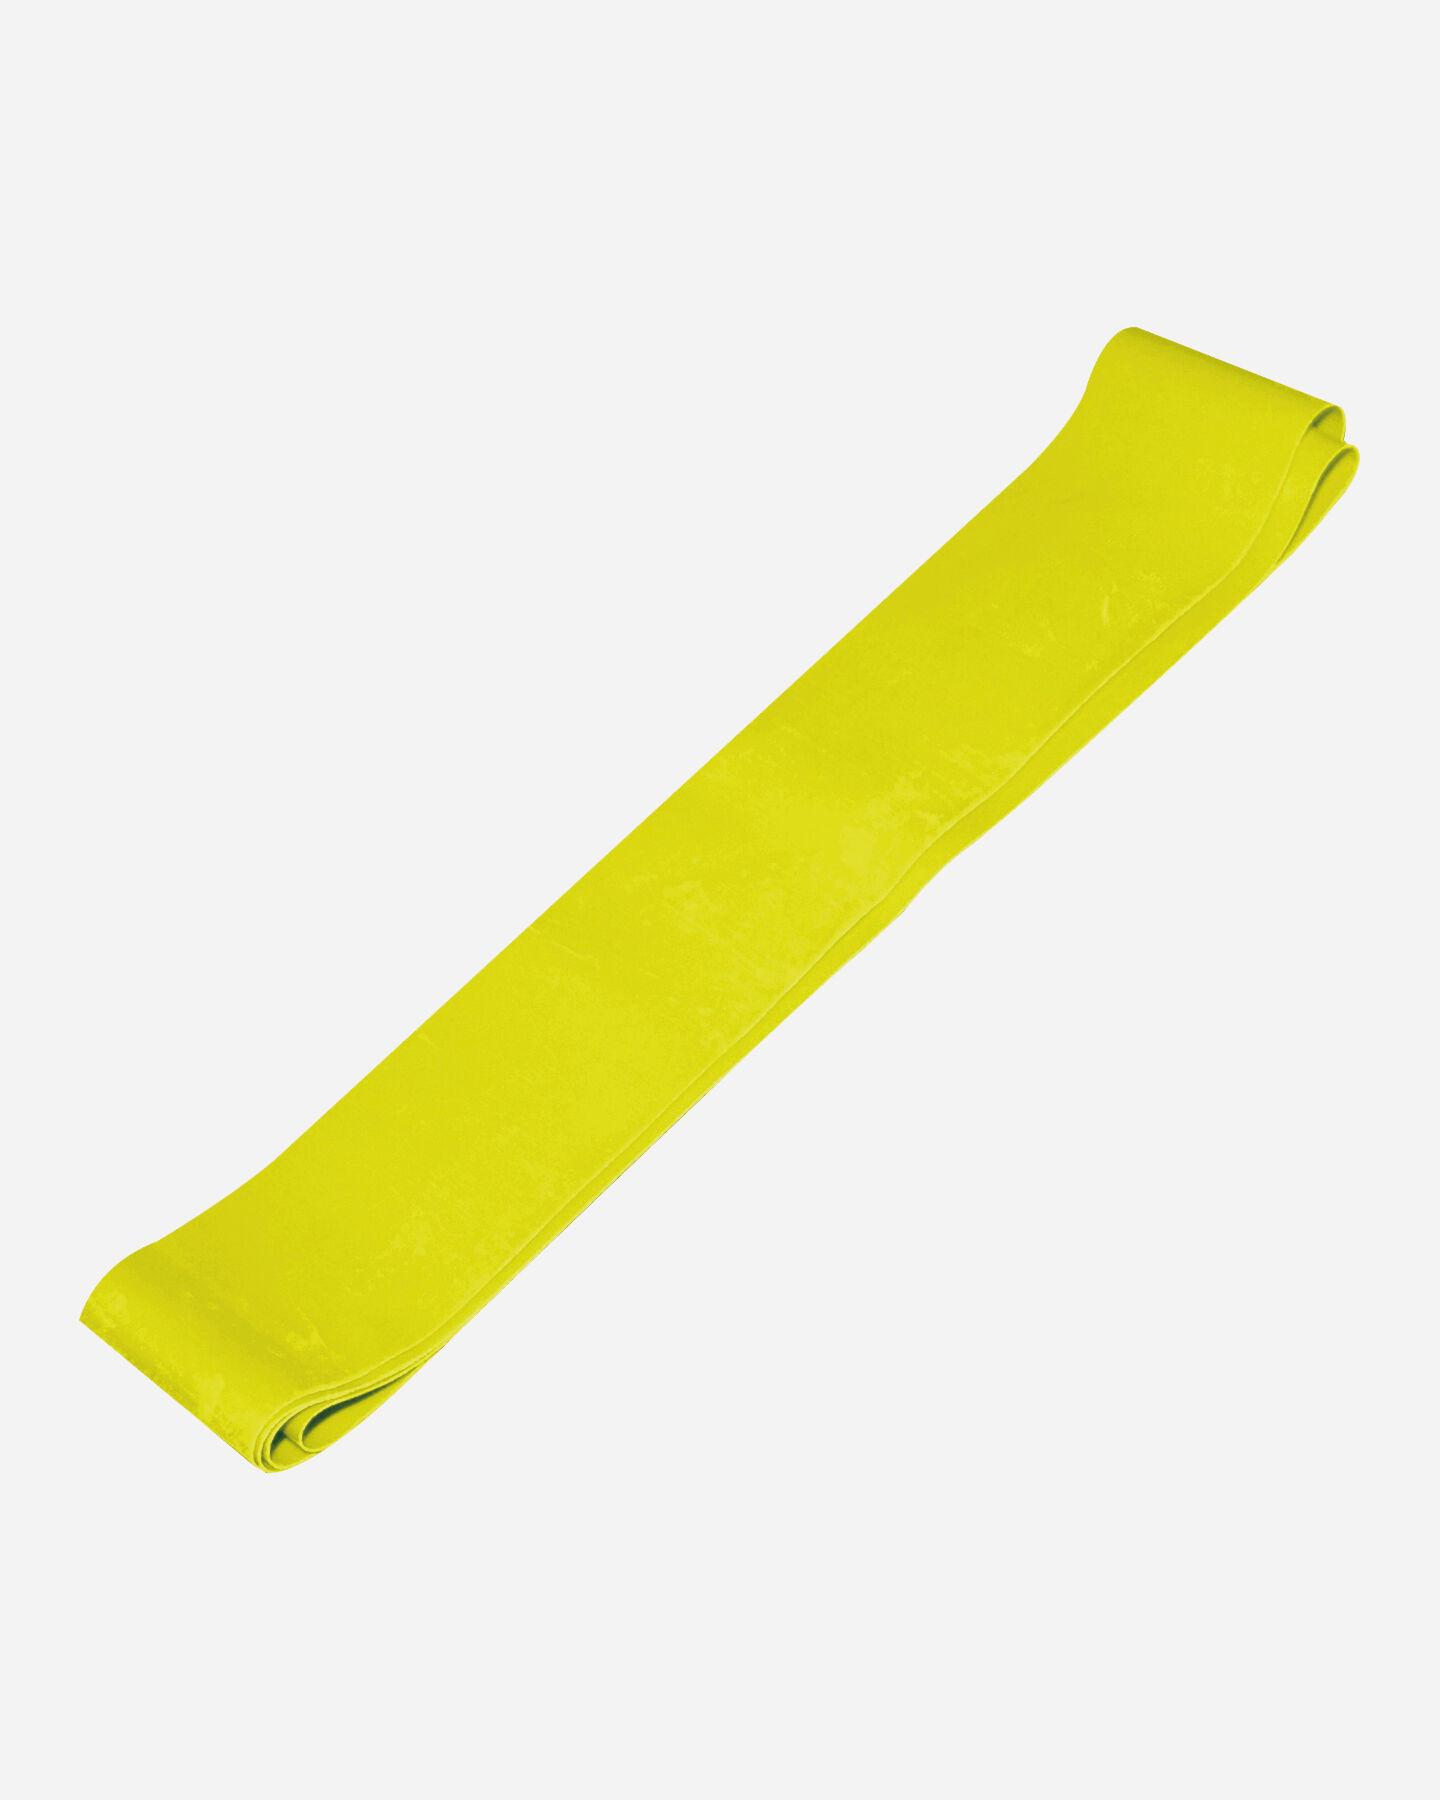 Banda elastica CARNIELLI BANDA ELASTICA ANELLO S1326852 1 UNI scatto 0